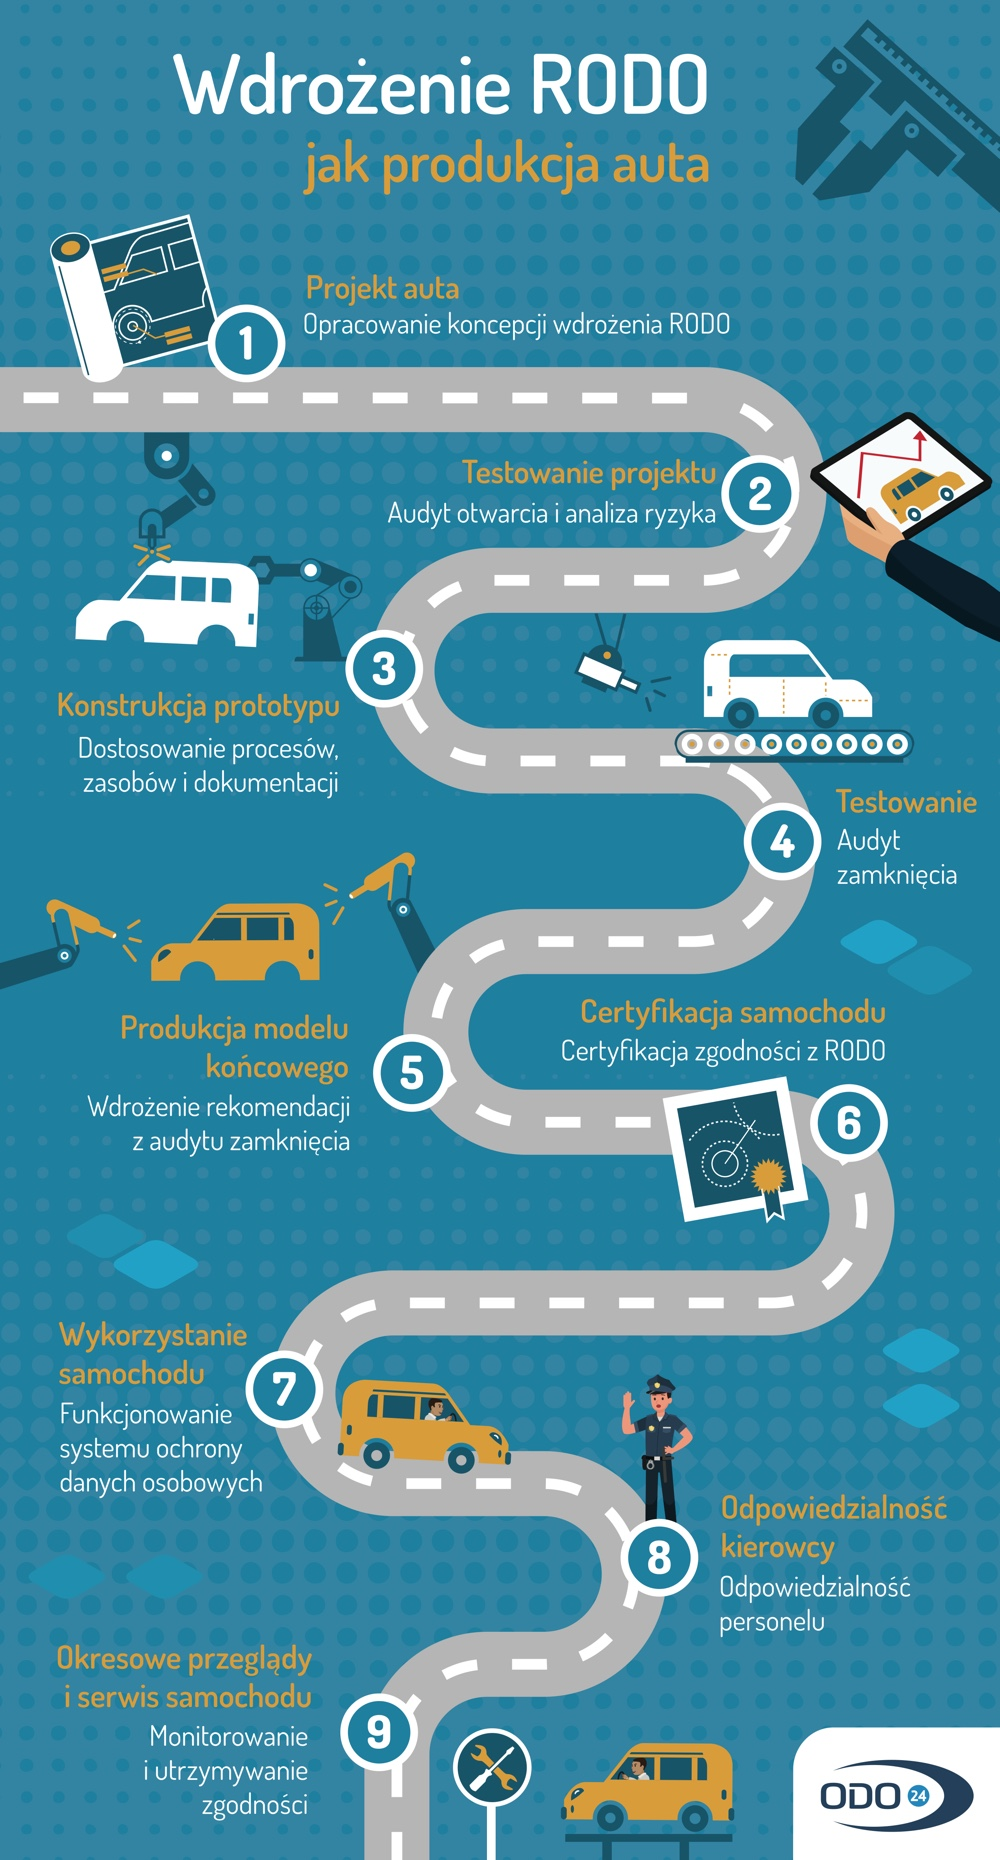 Infografika: Wdrożenie RODO jak produkcja auta